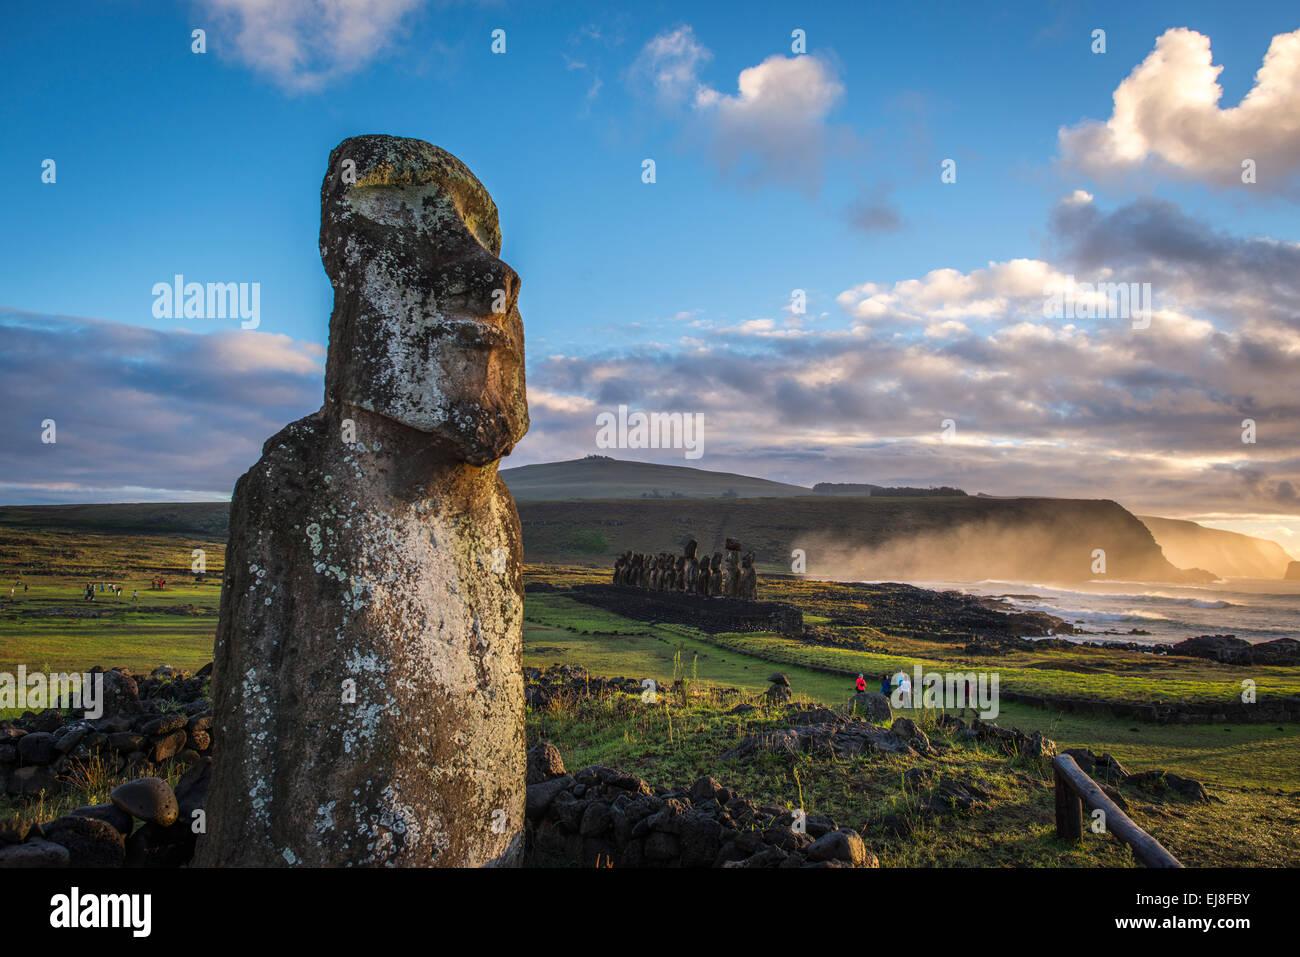 'Viaje' Moai en primer plano con Tongariki en antecedentes, Rapa Nui, Isla de Pascua, Chile Imagen De Stock